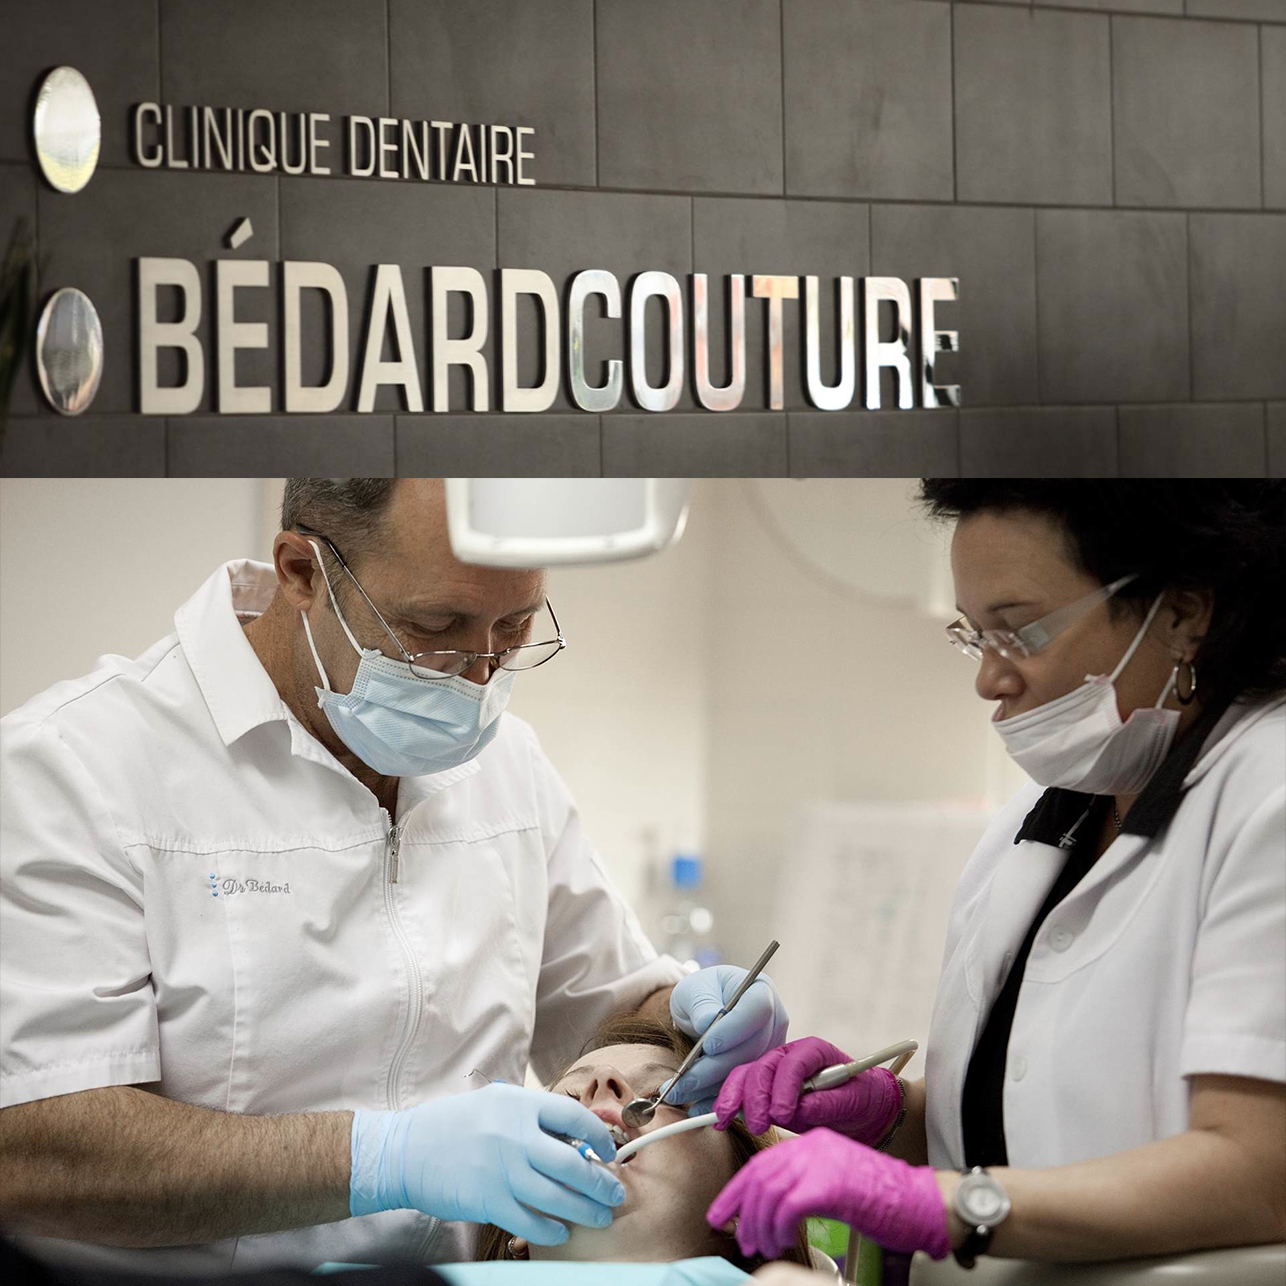 Clinique Dentaire Bédard Couture - Vidéo 1